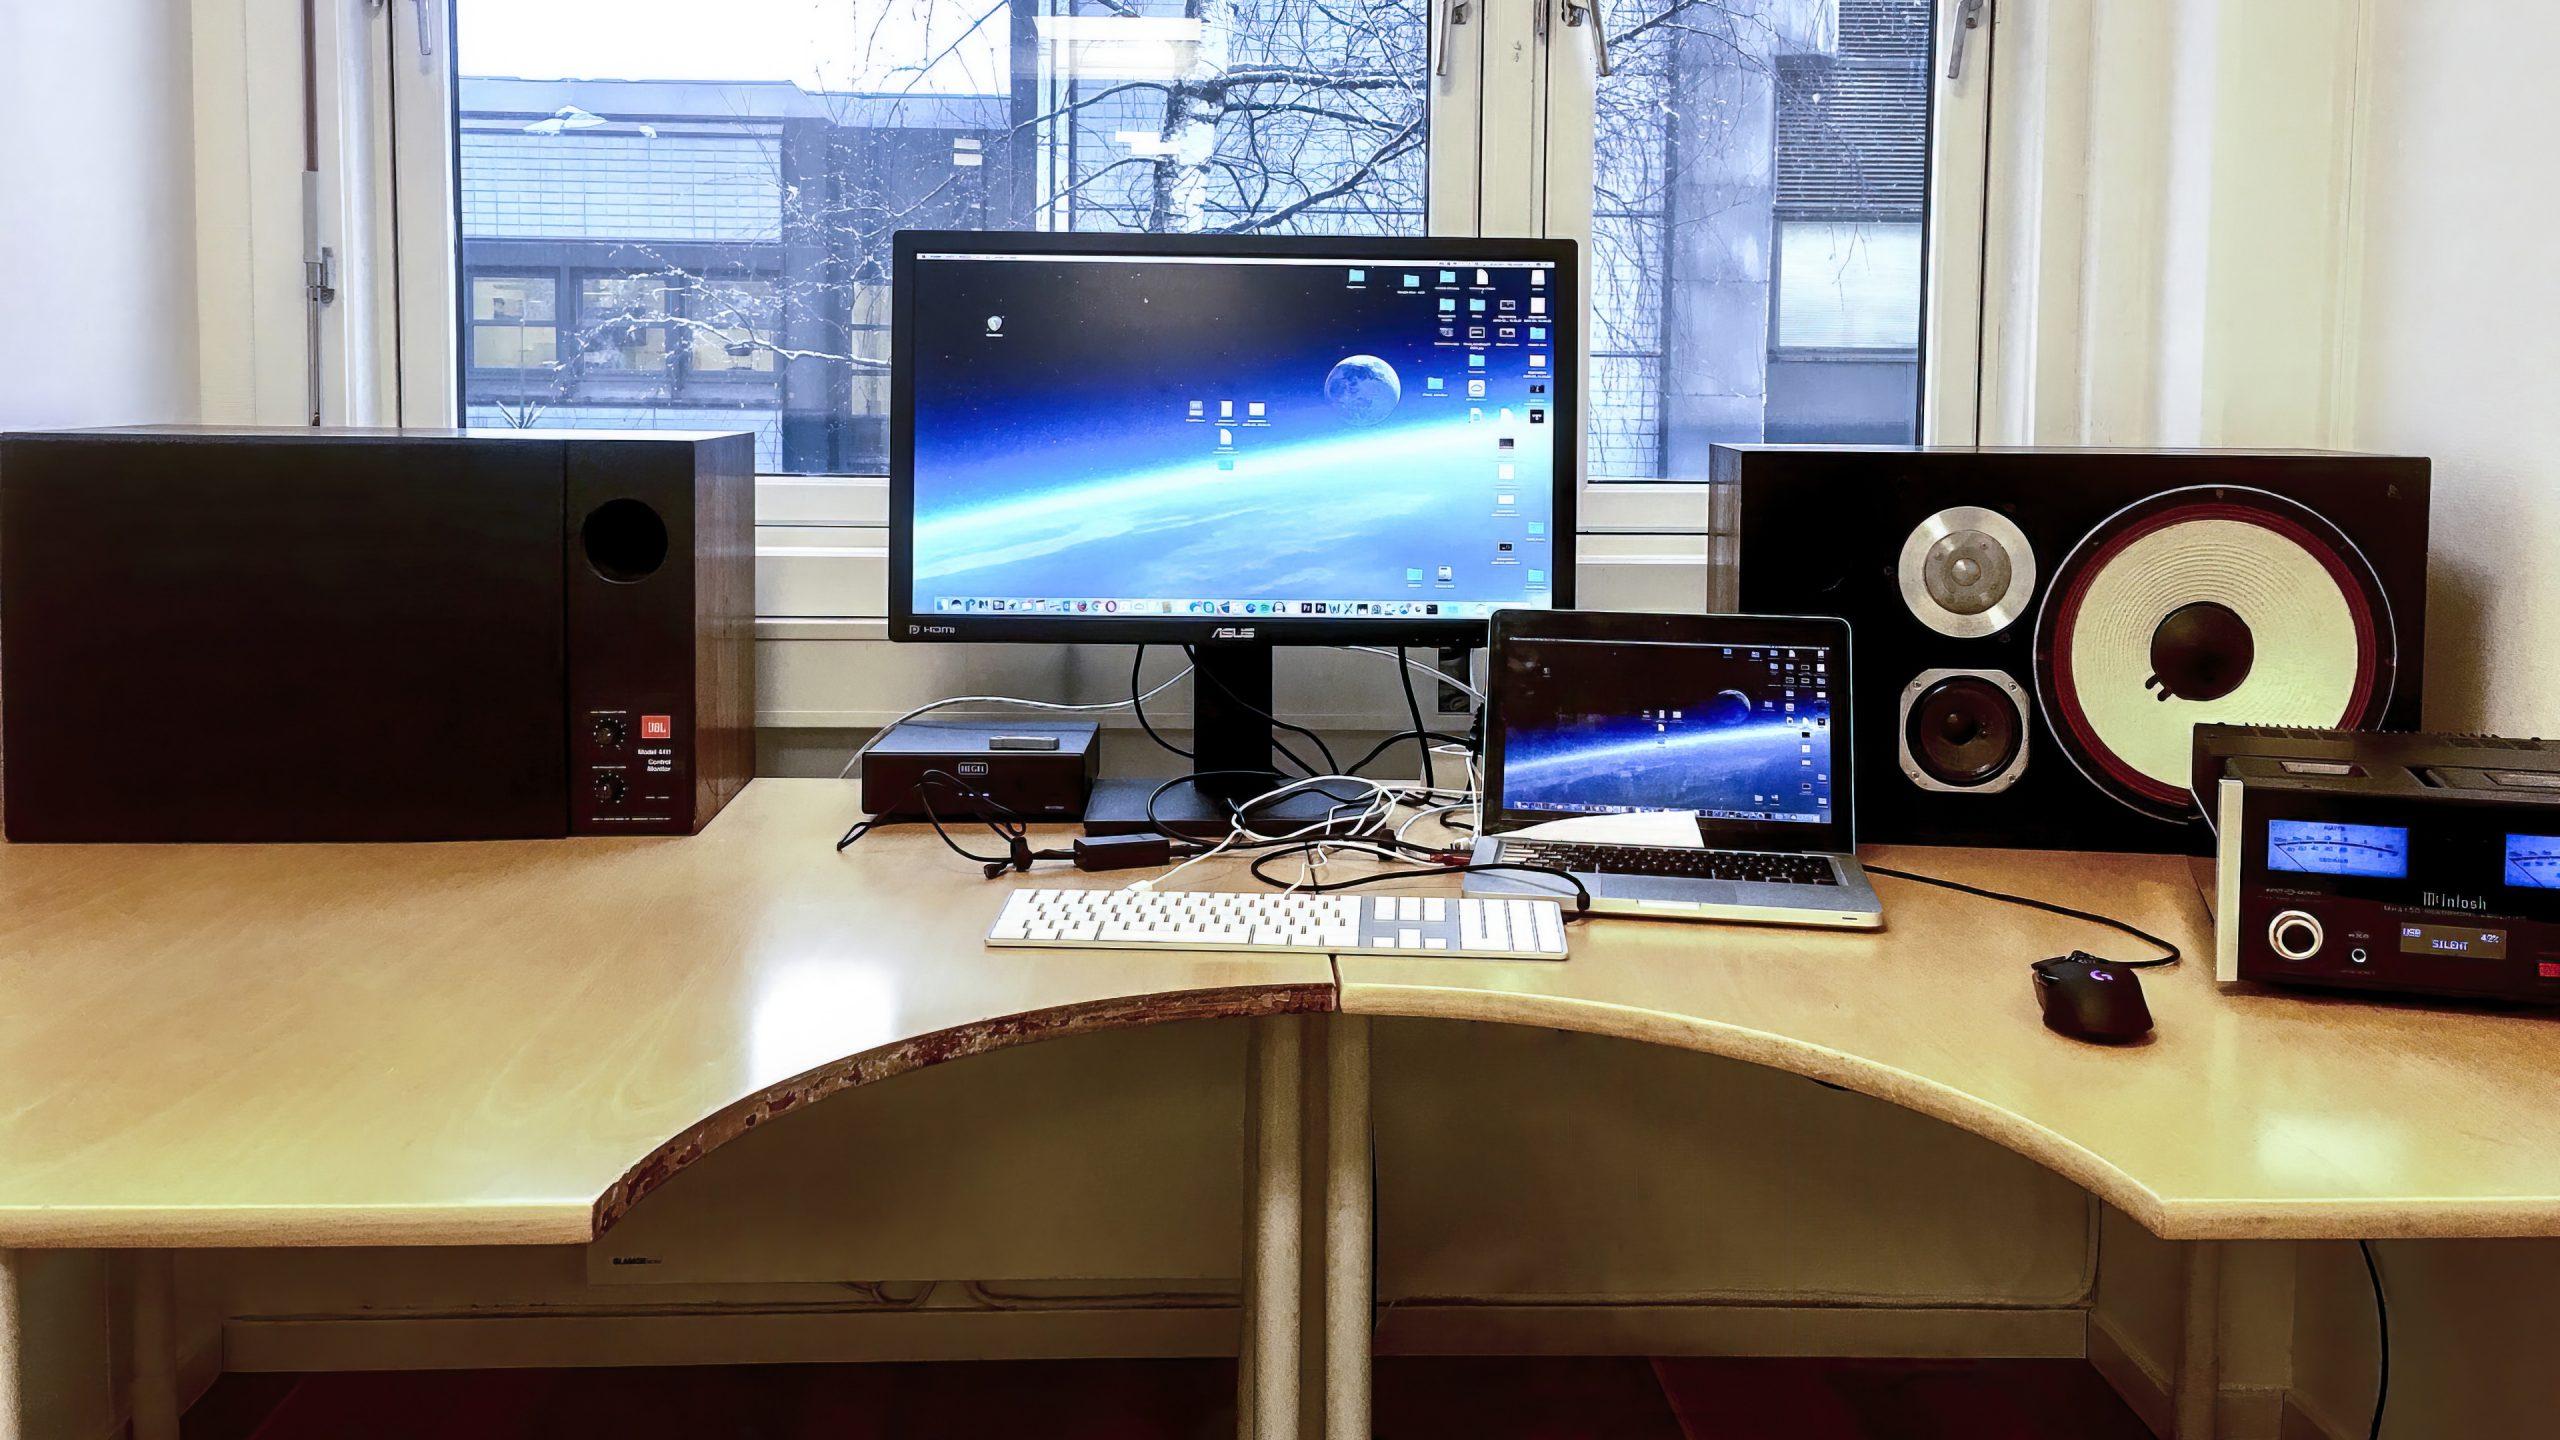 JBL 4411 desktop